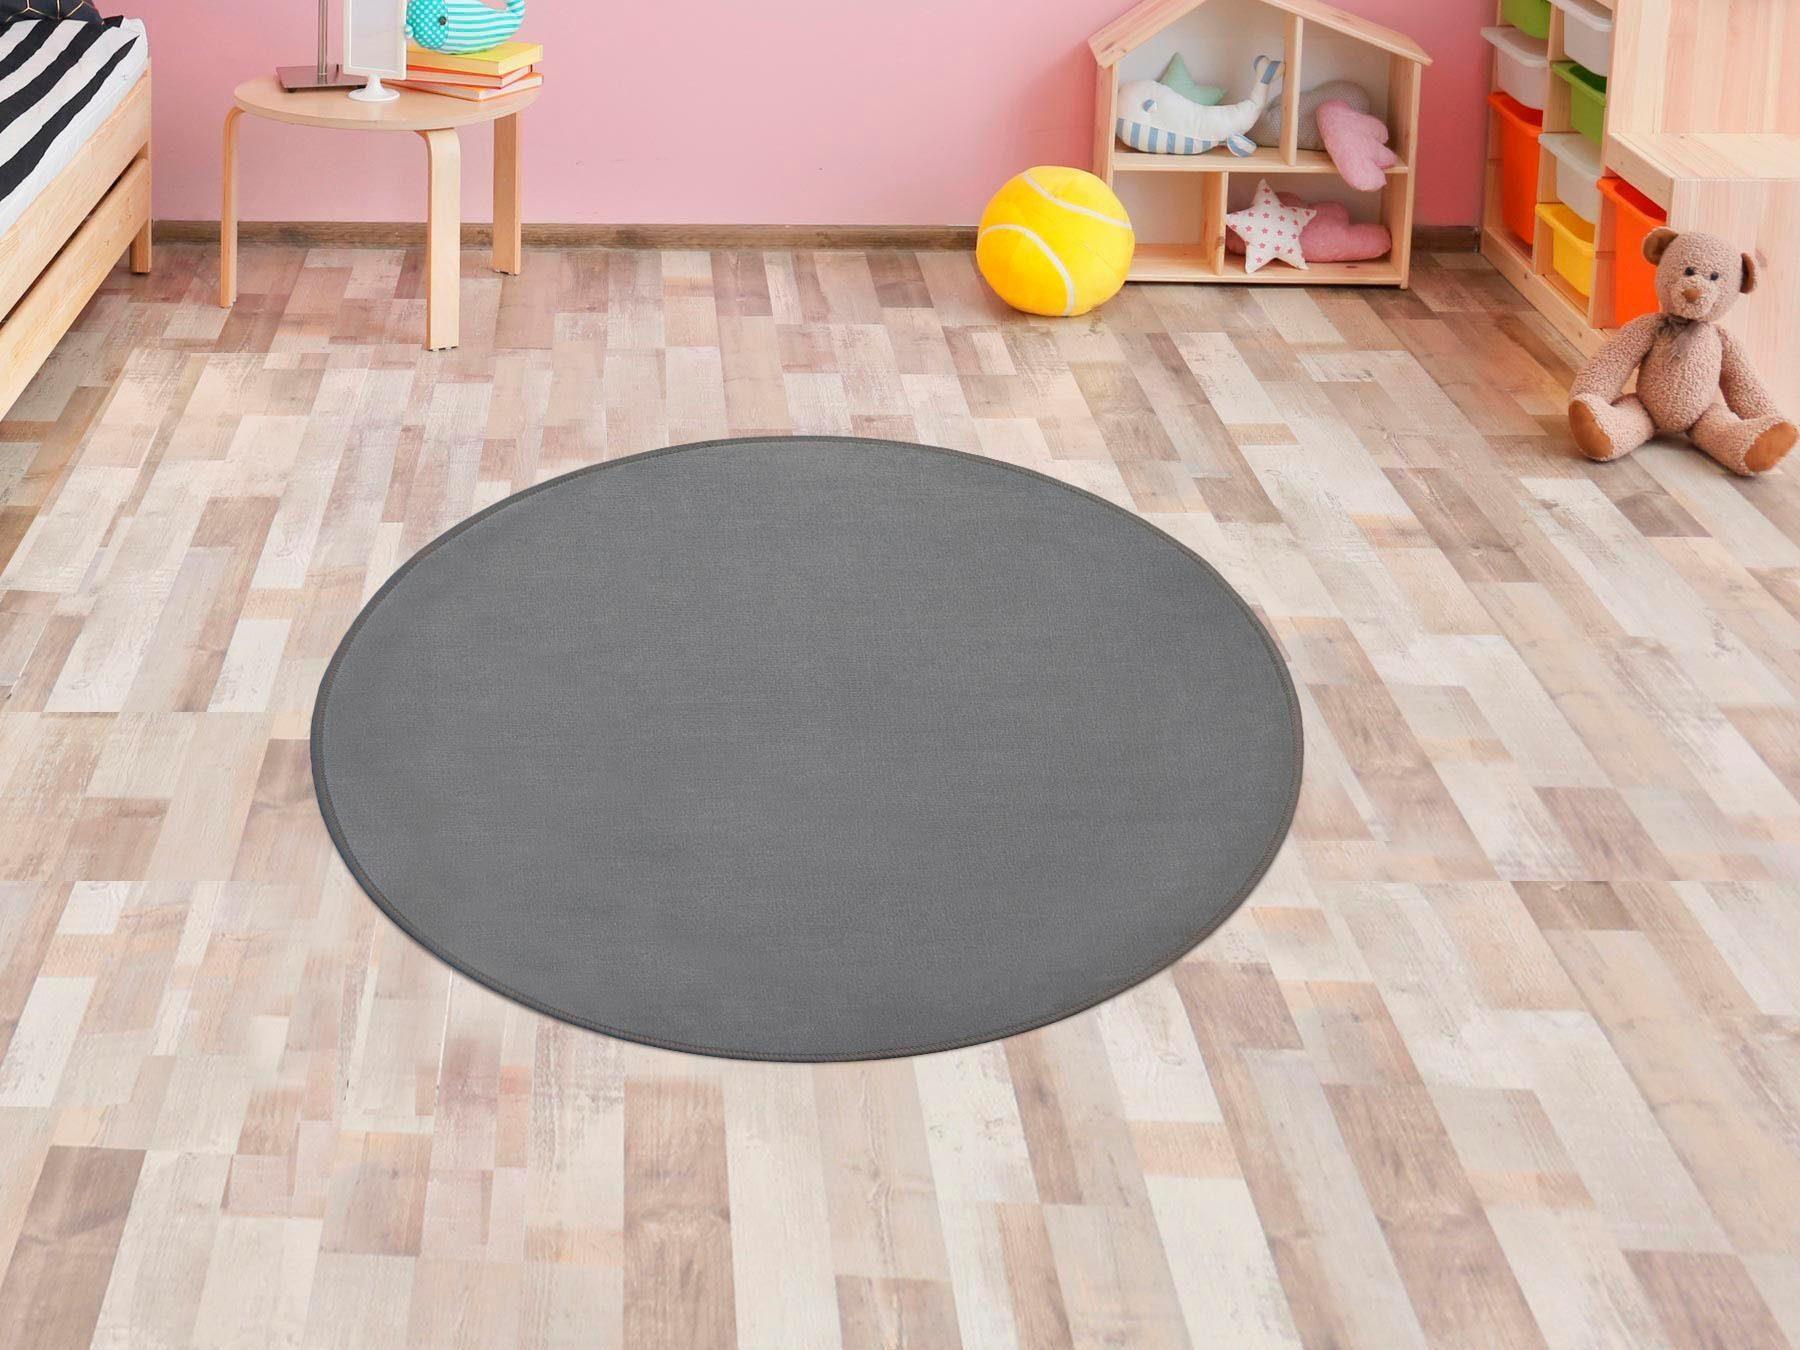 Primaflor-Ideen in Textil Kinderteppich SITZKREIS, rund, 5 mm Höhe, Spielteppich ideal im Kinderzimmer grau Kinder Spielteppiche Kinderteppiche Teppiche